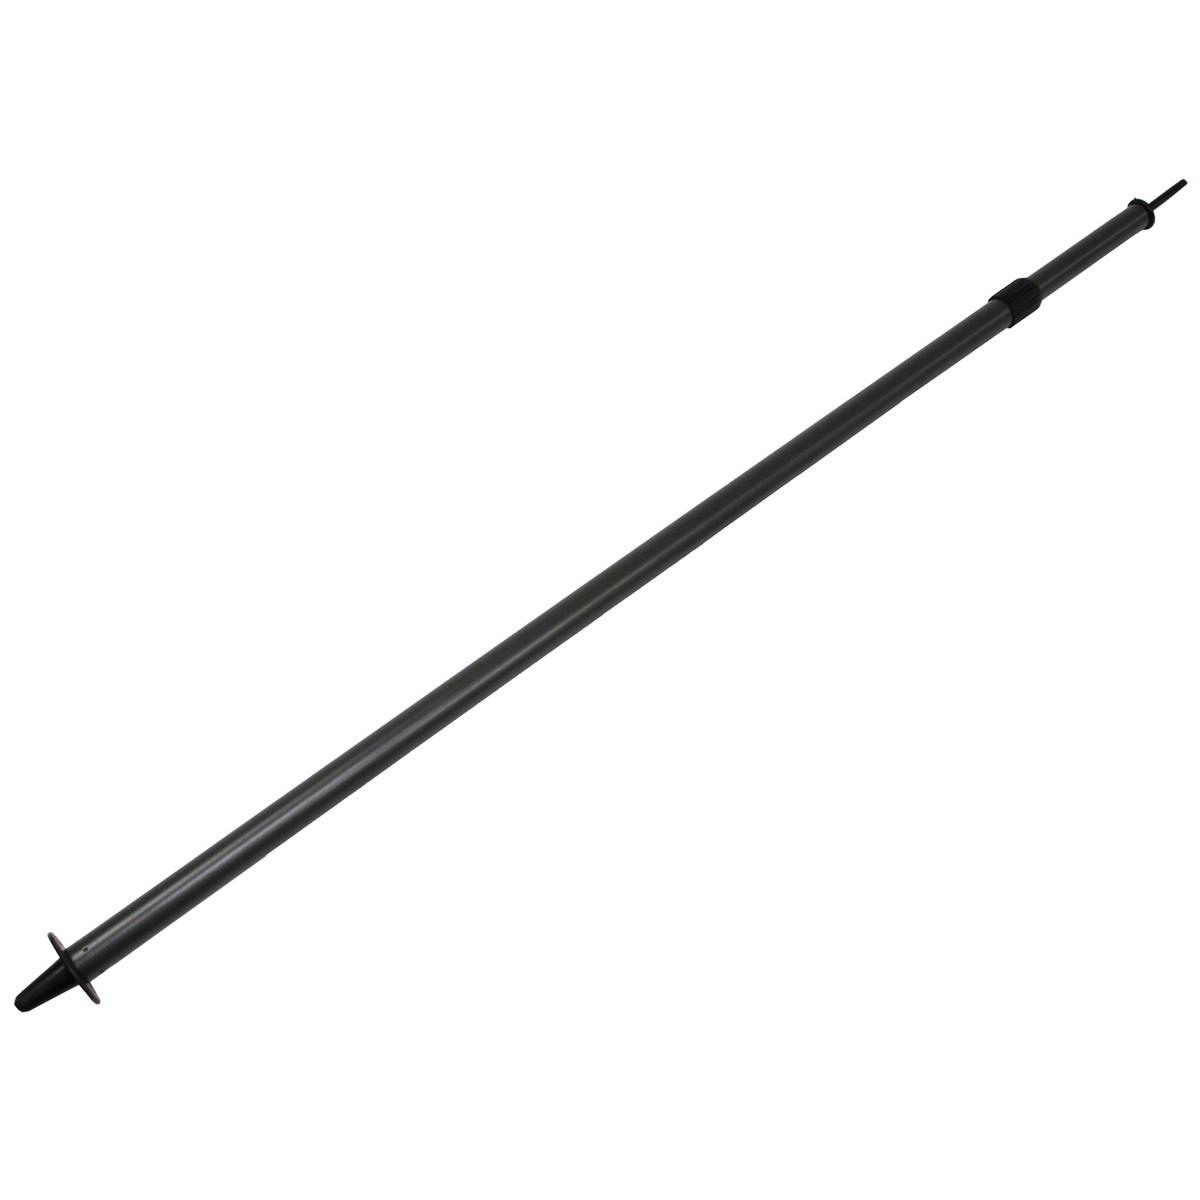 Teleskopická stanová tyč 70-130 cm - olivová